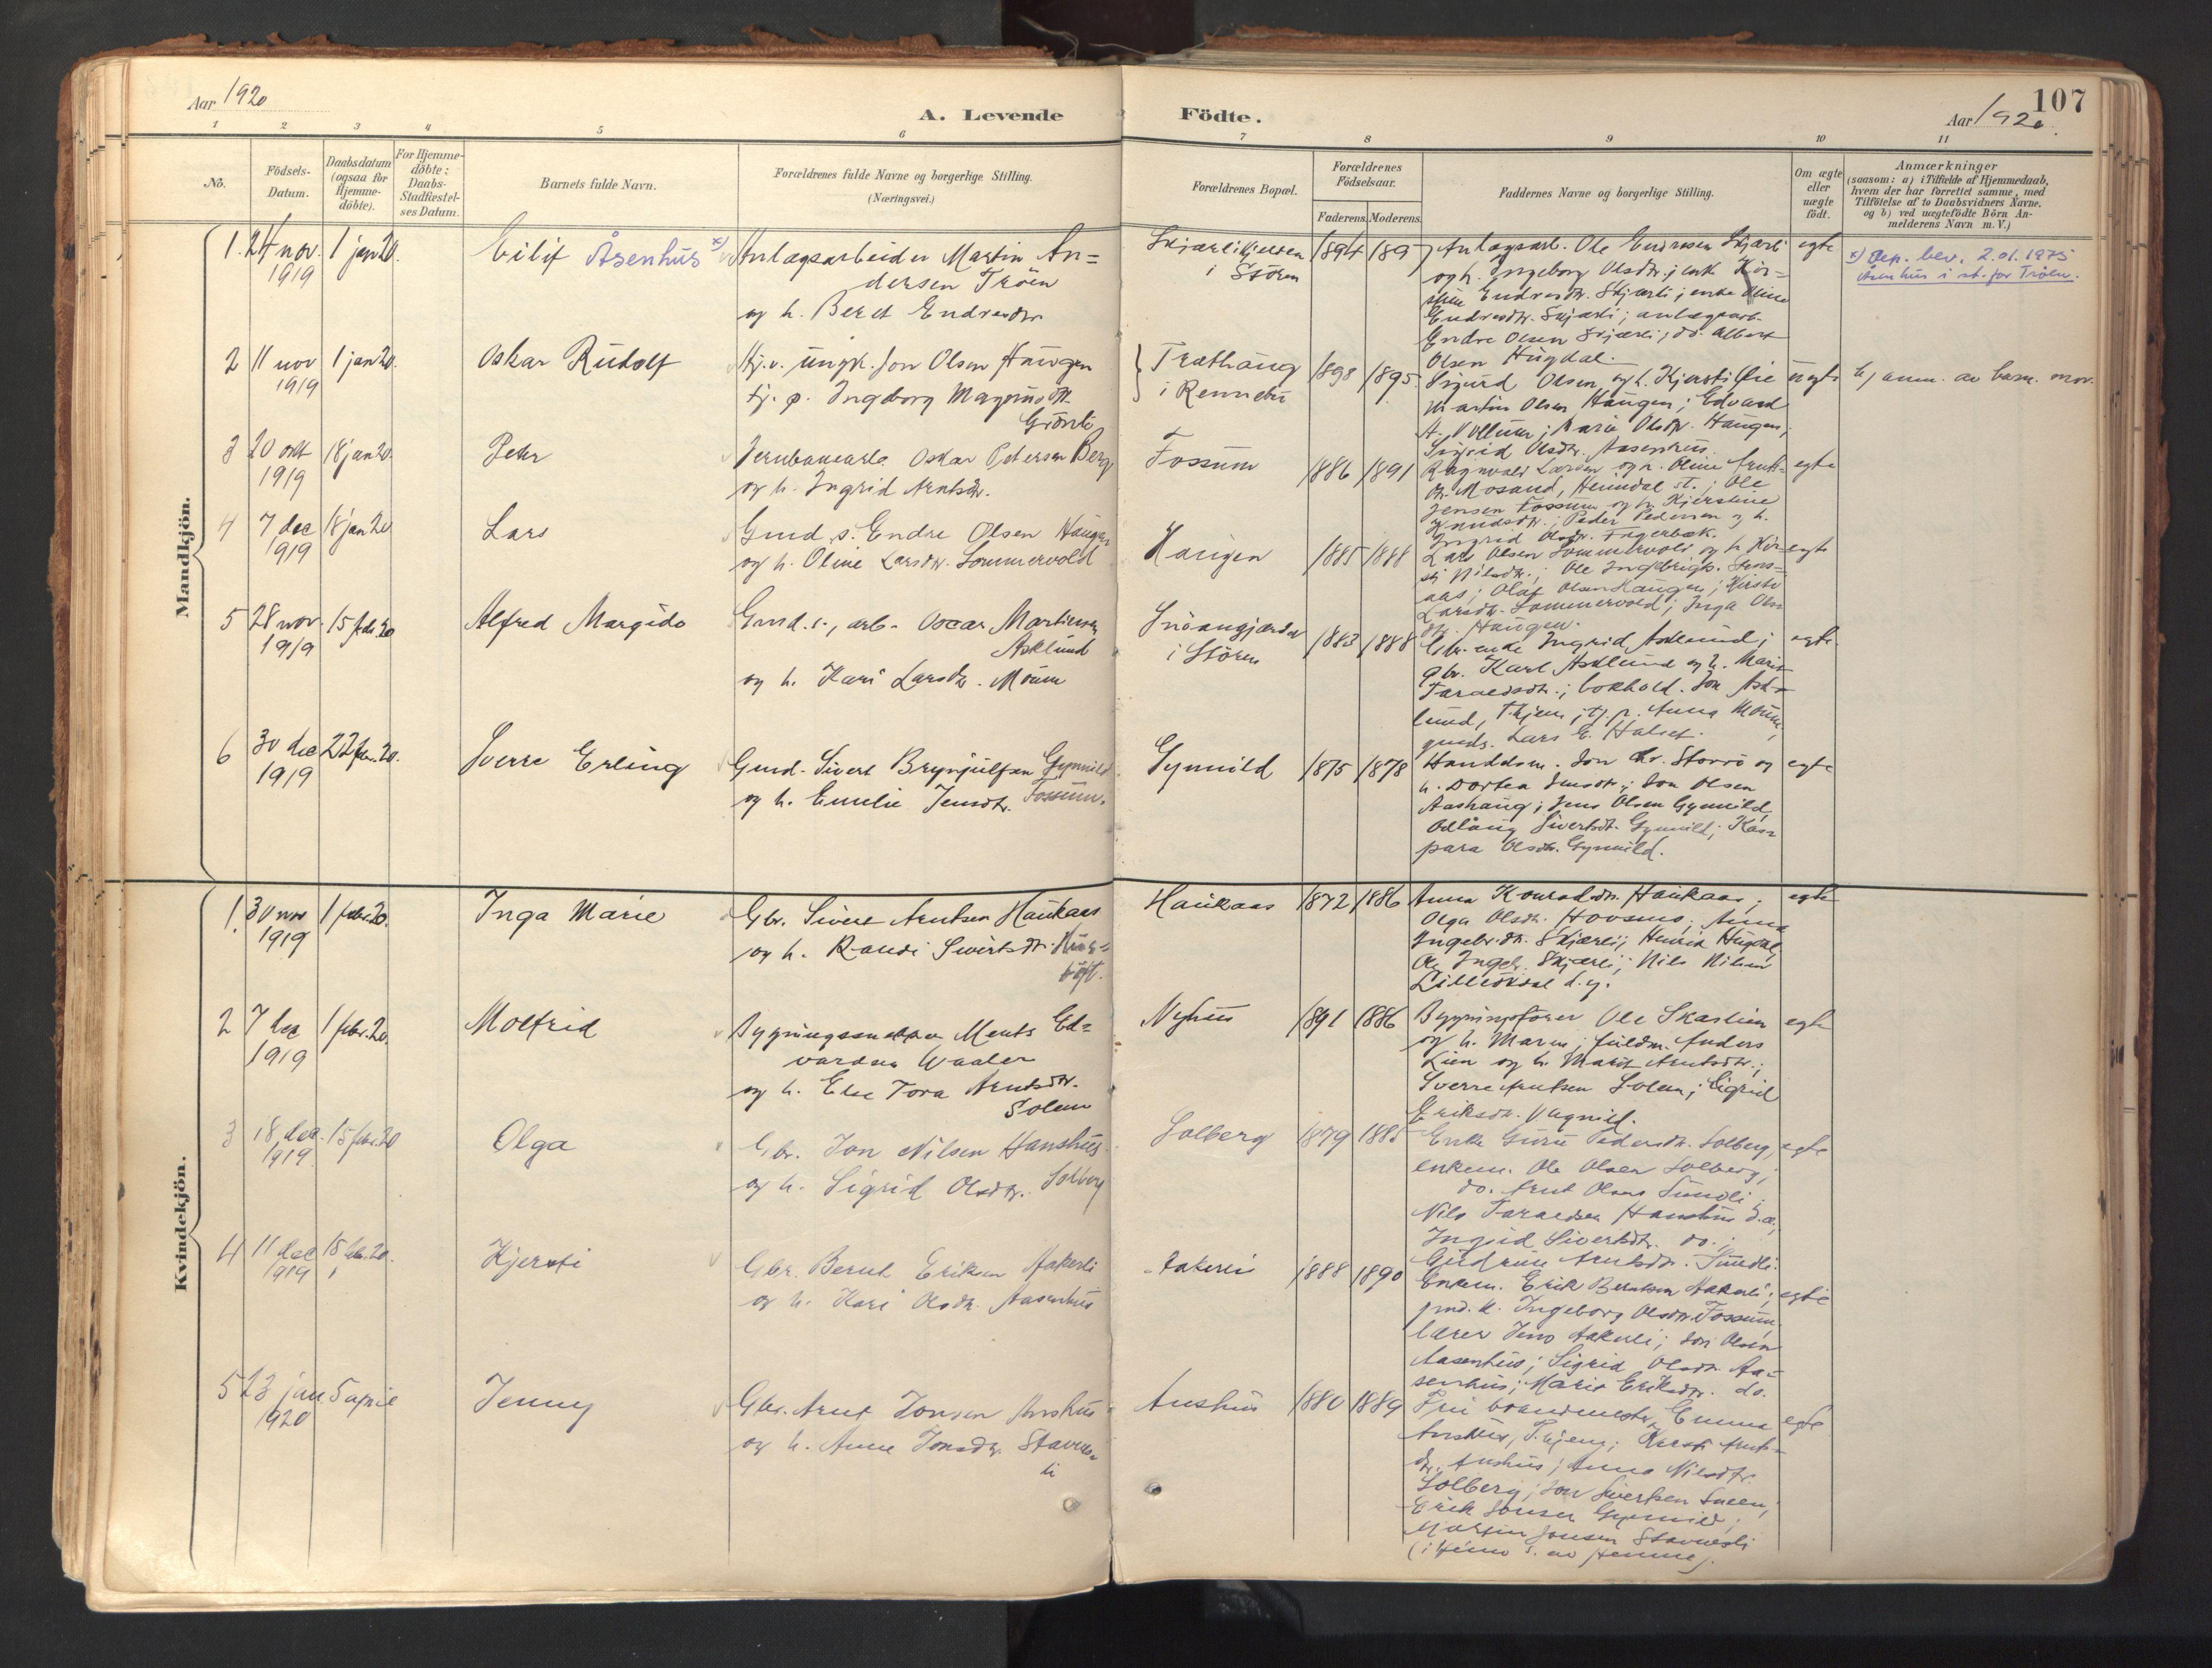 SAT, Ministerialprotokoller, klokkerbøker og fødselsregistre - Sør-Trøndelag, 689/L1041: Ministerialbok nr. 689A06, 1891-1923, s. 107